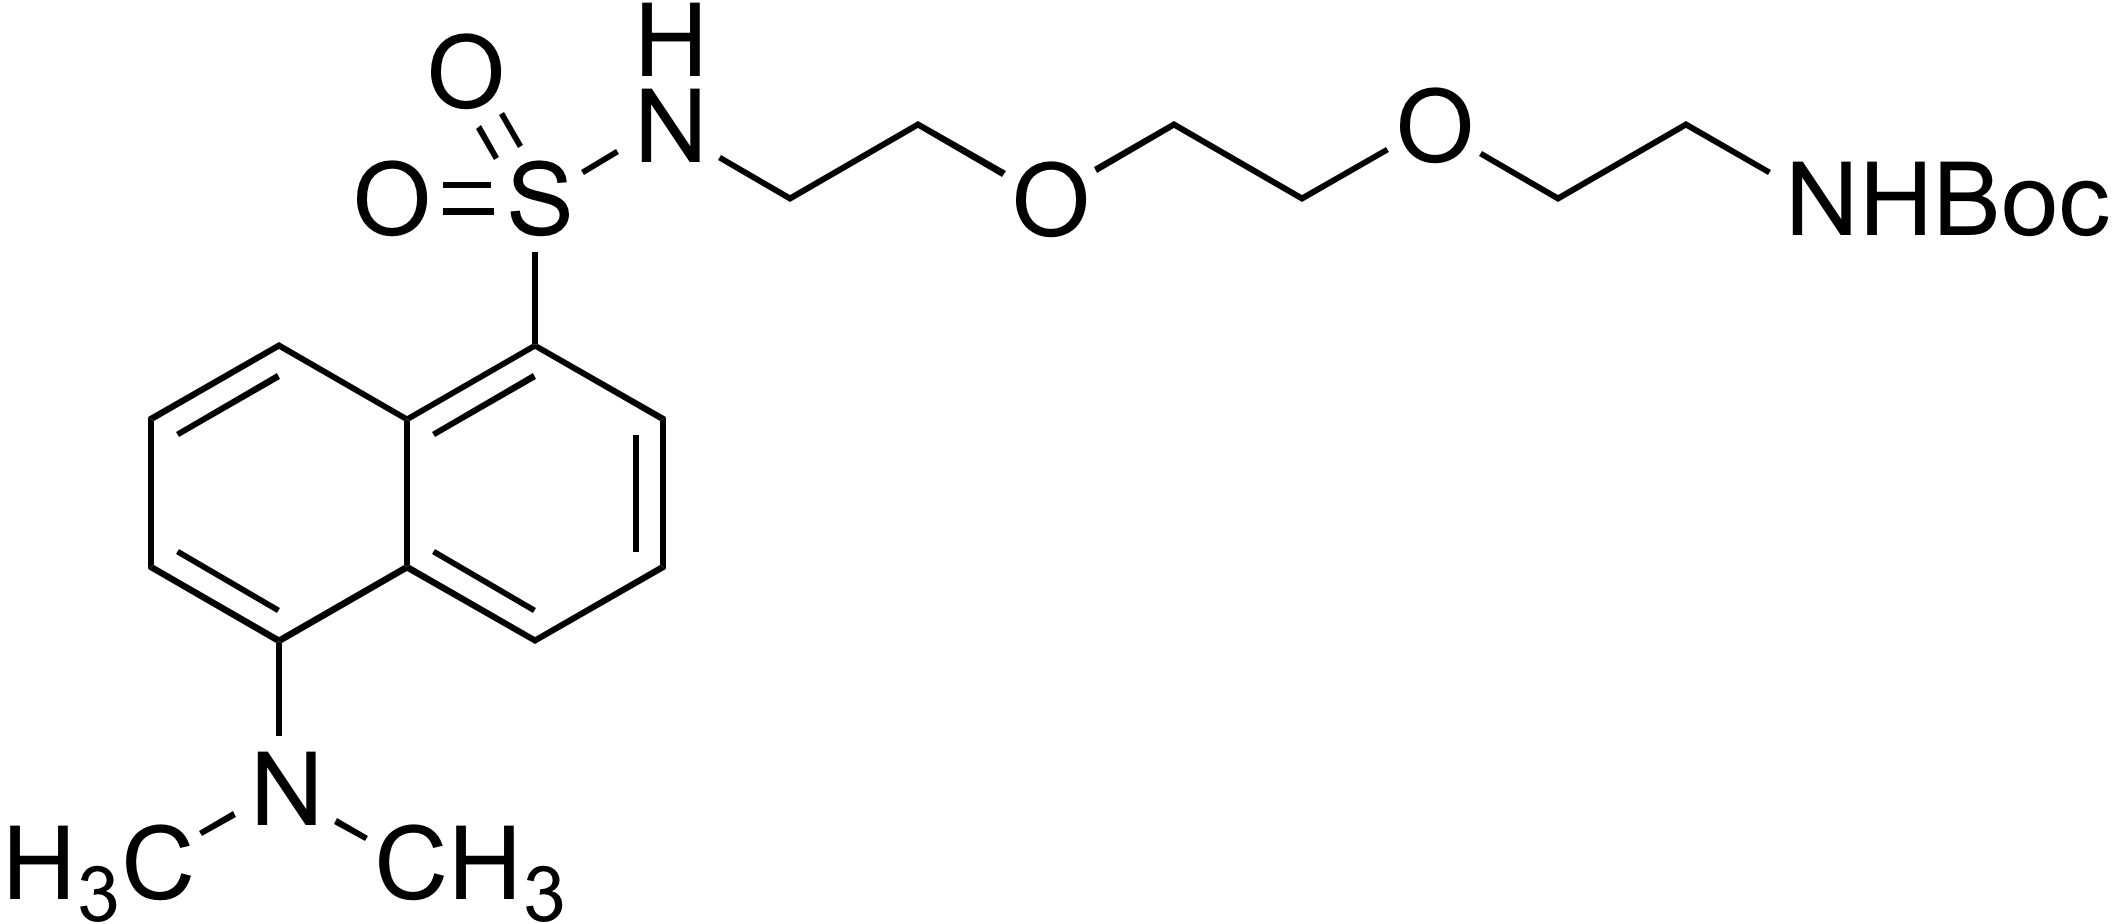 N-[8-tert-Butoxycarbonylamino-3,6-dioxaoctyl]-1-dimethylamino-5-naphthalene-sulfonamide